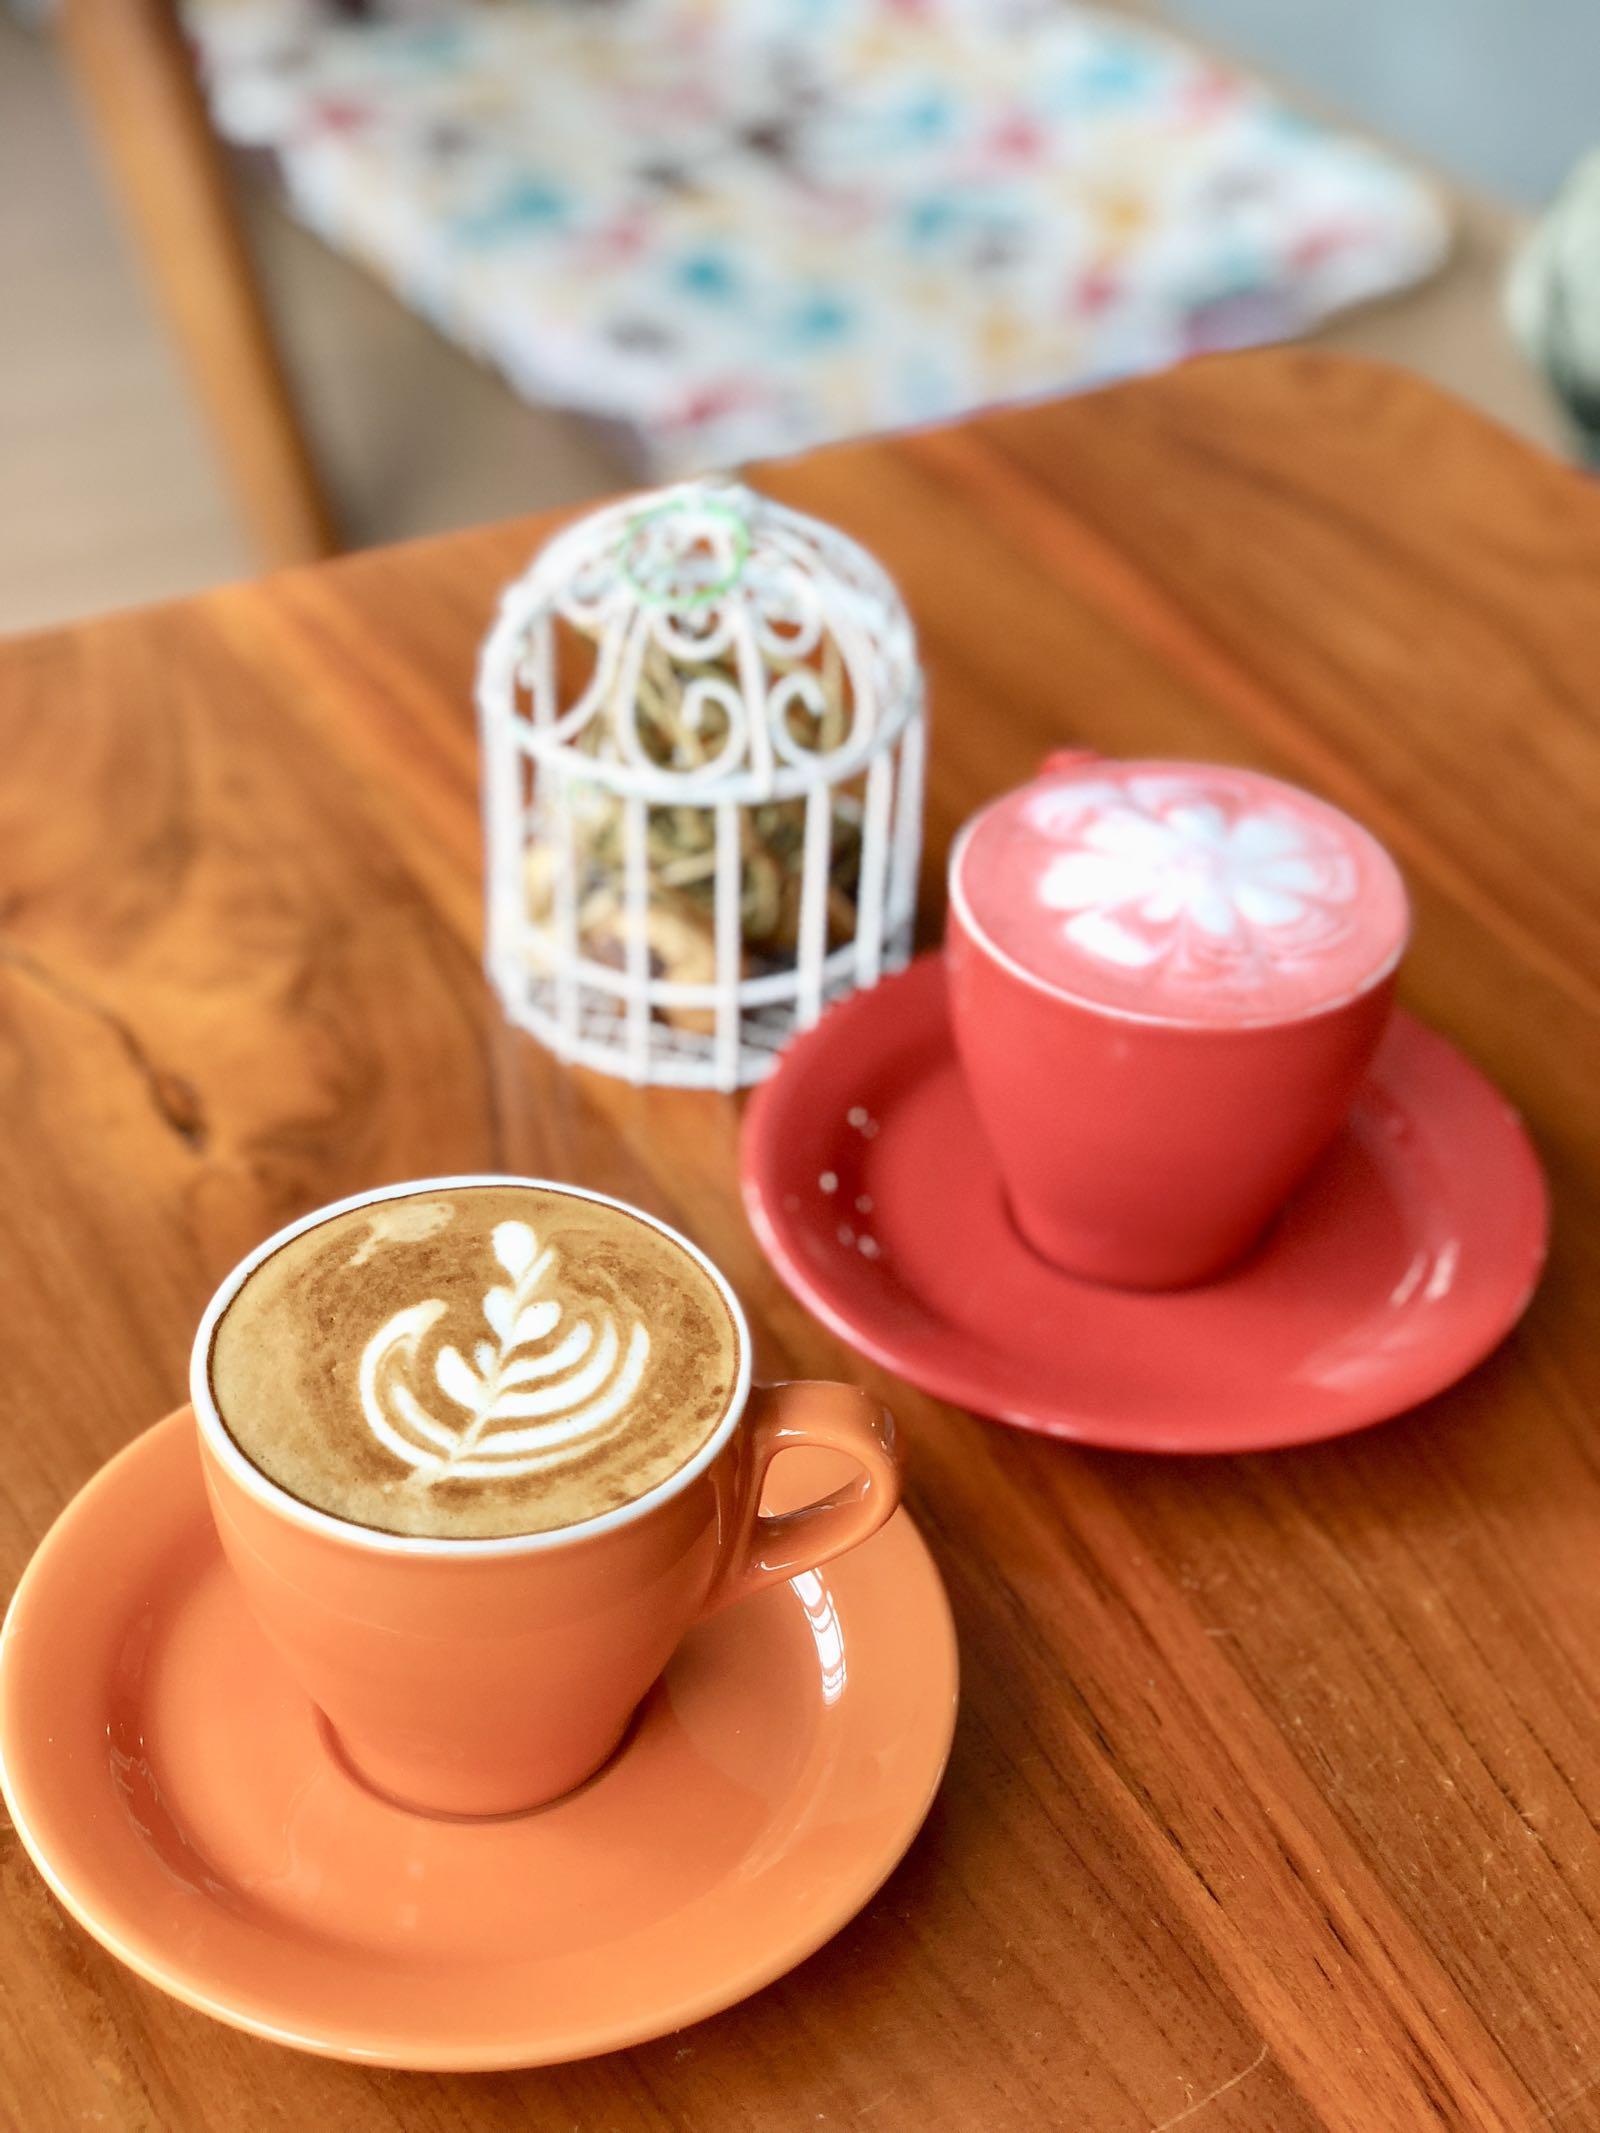 Minuman Di Diskus Cafe Bandung